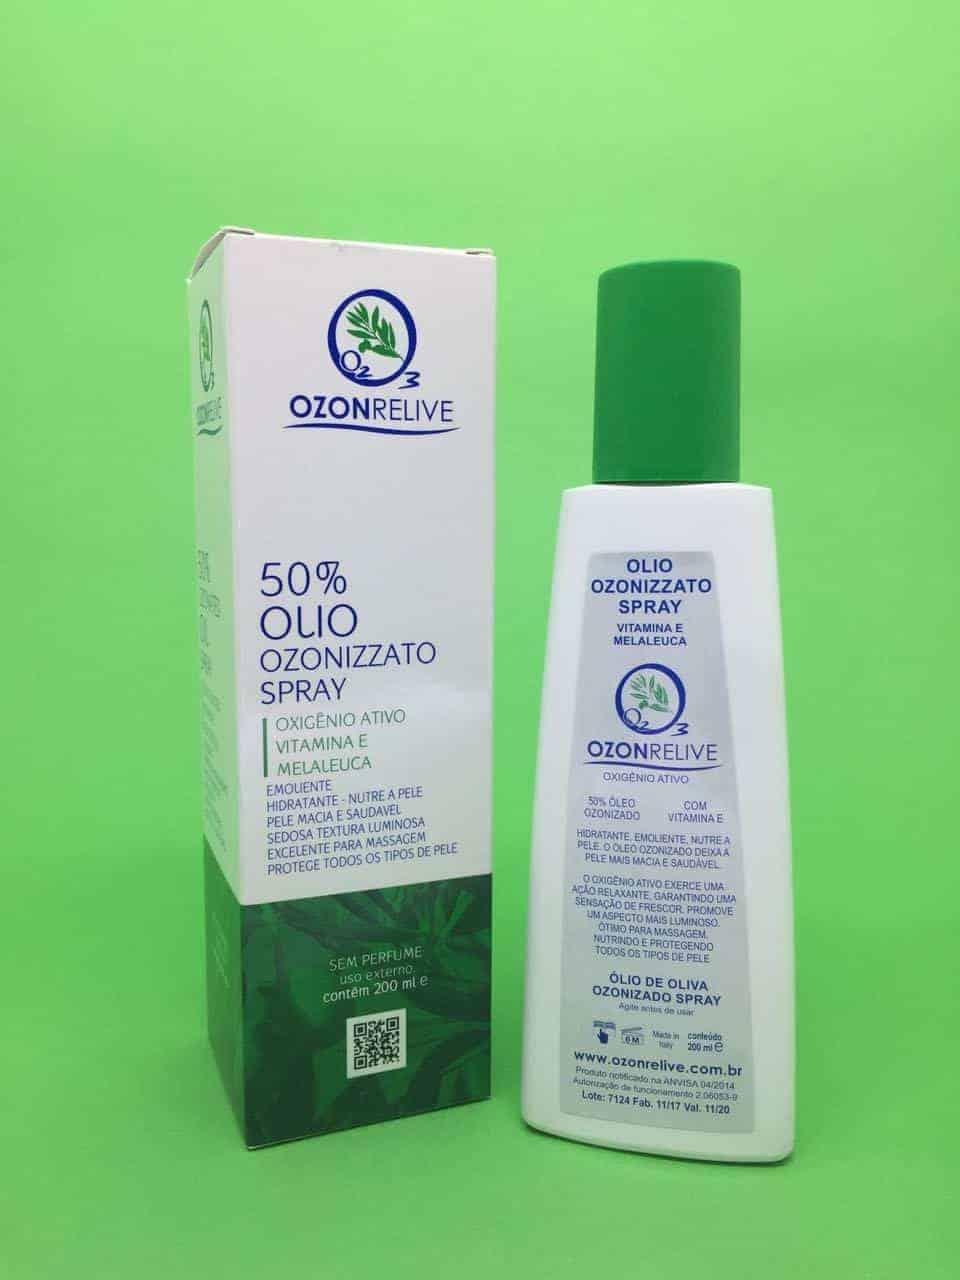 Ozonrelive Olio Ozonizzato 2